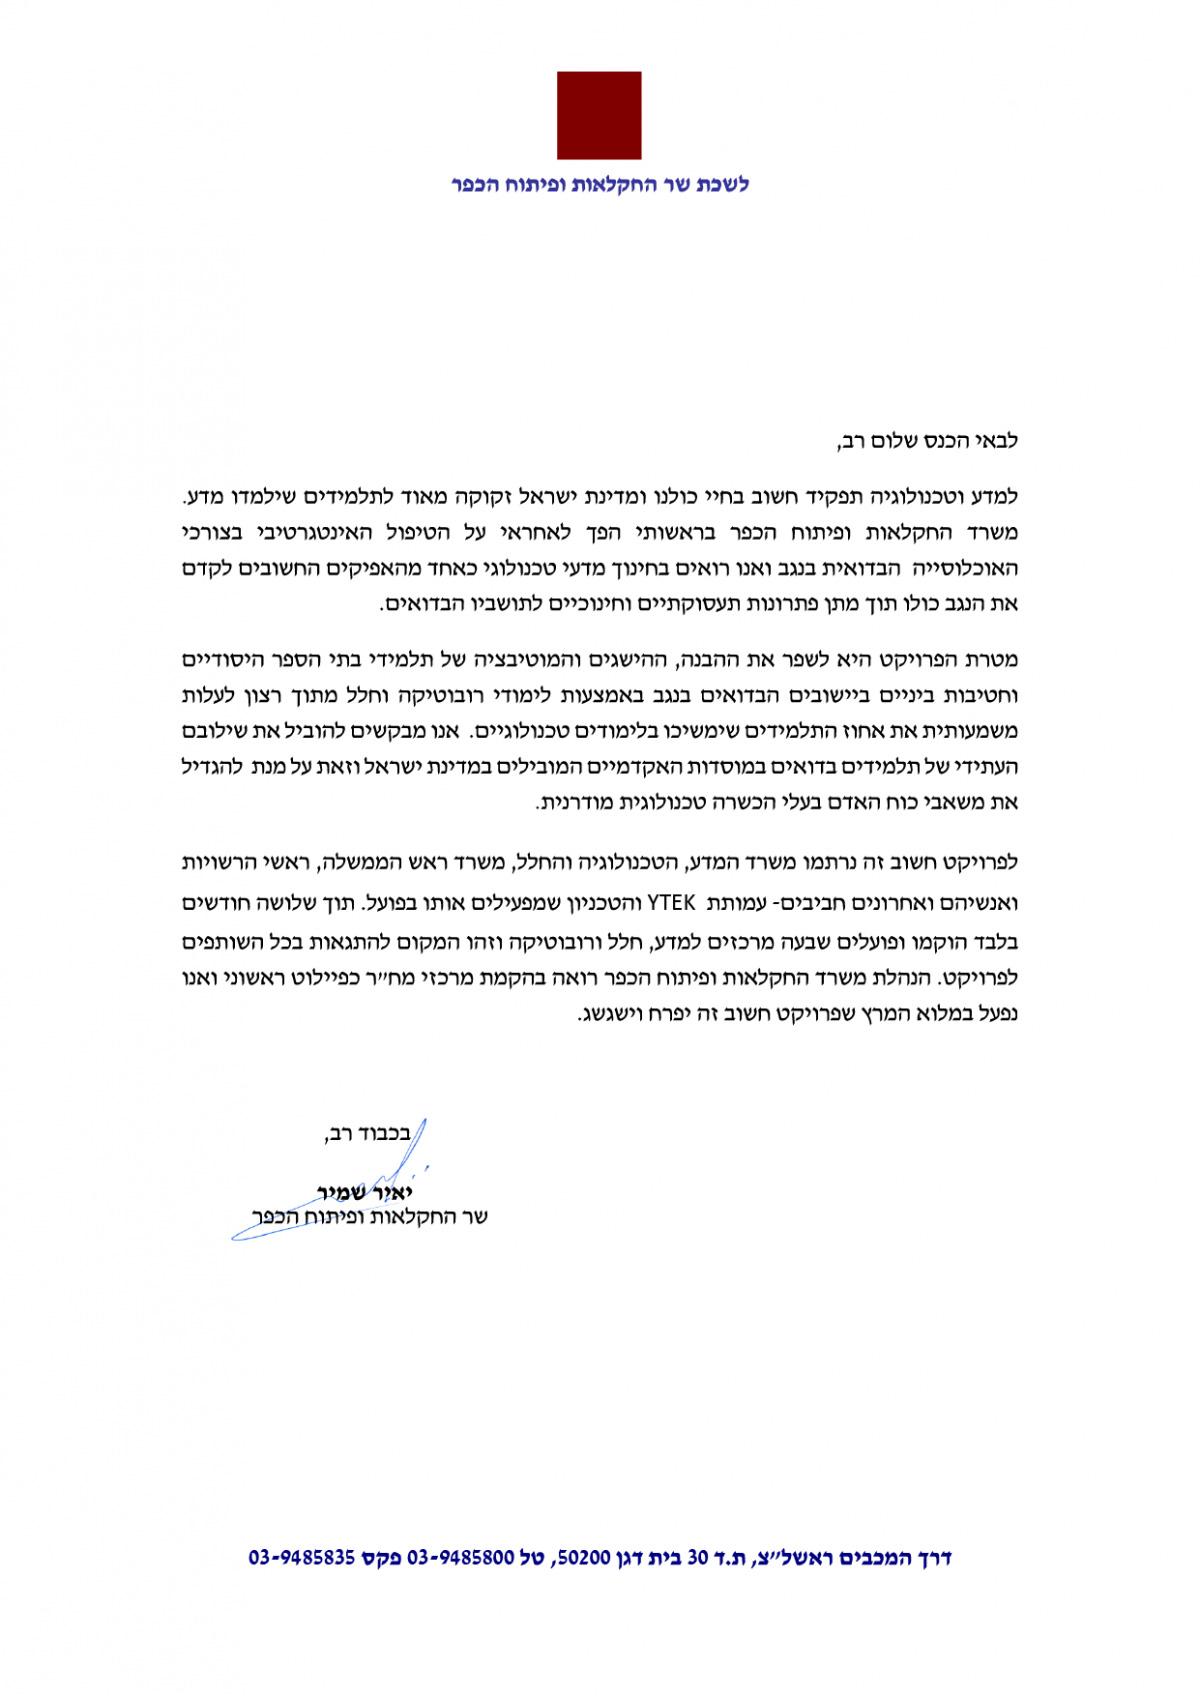 מכתב שר החקלאות לעדה הבדואית